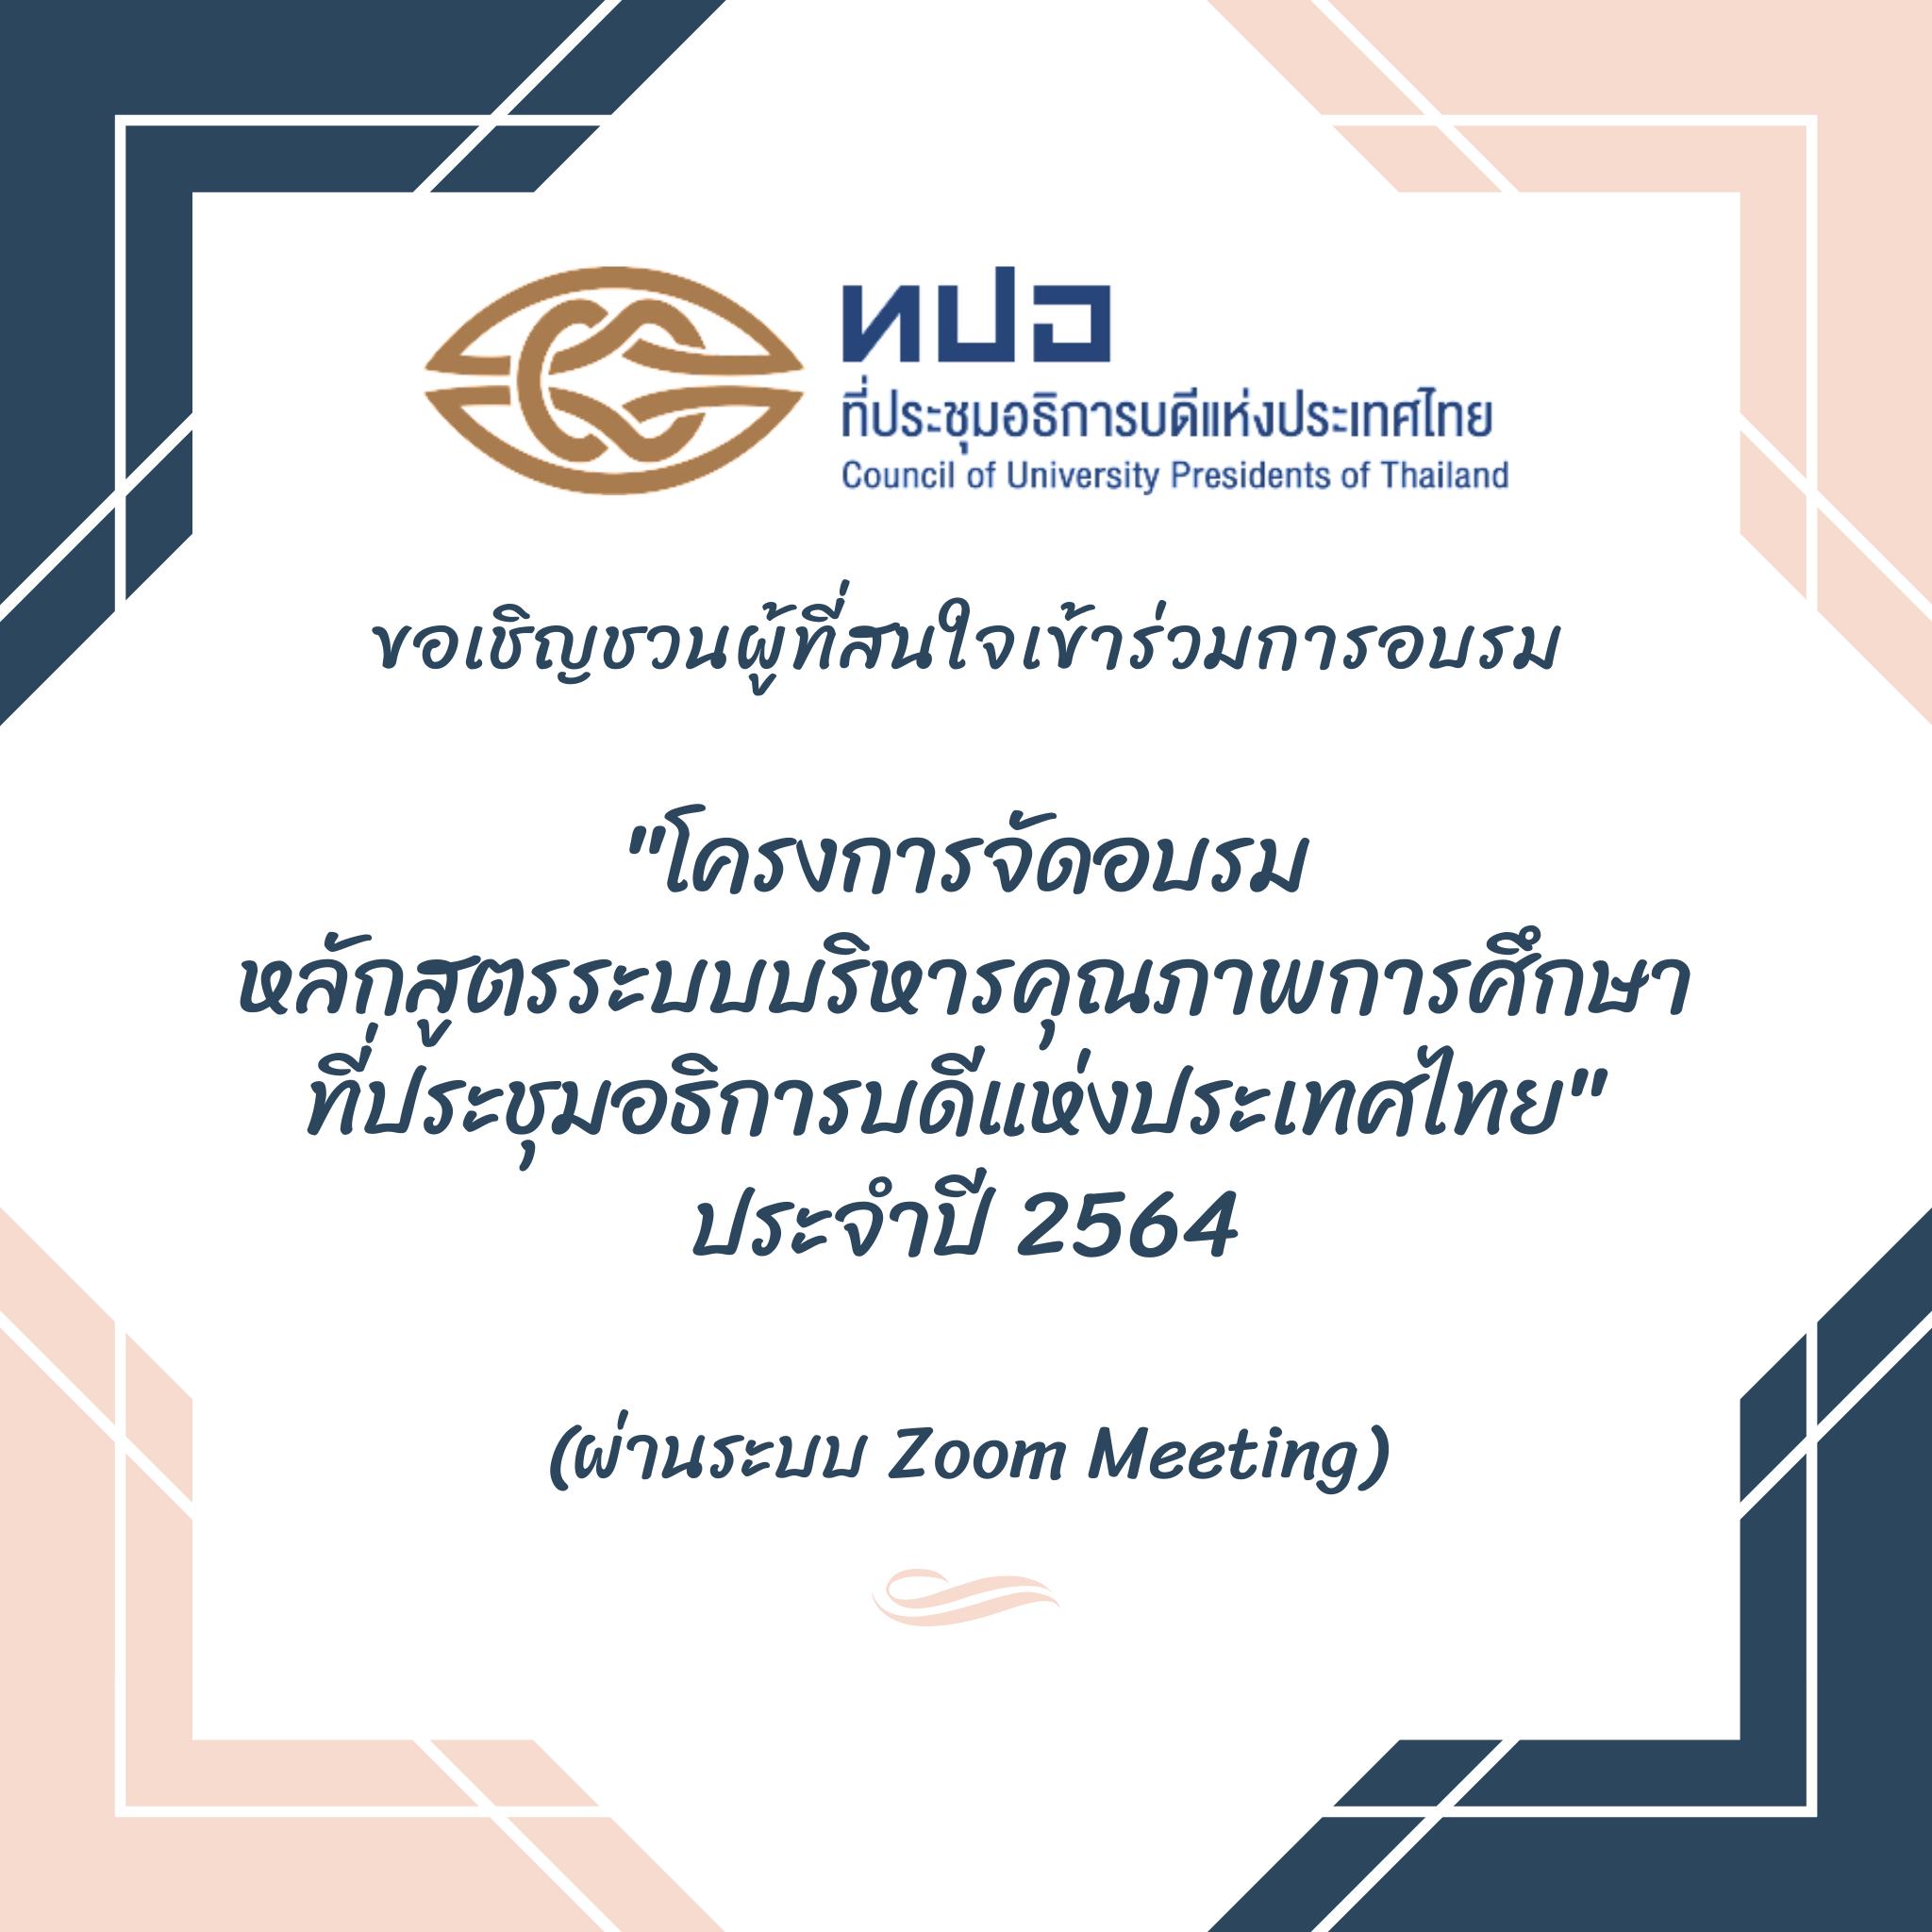 ขอเชิญชวนผู้ที่สนใจเข้าร่วมการอบรมที่ประชุมอธิการบดีแห่งประเทศไทย ประจำปี 2564